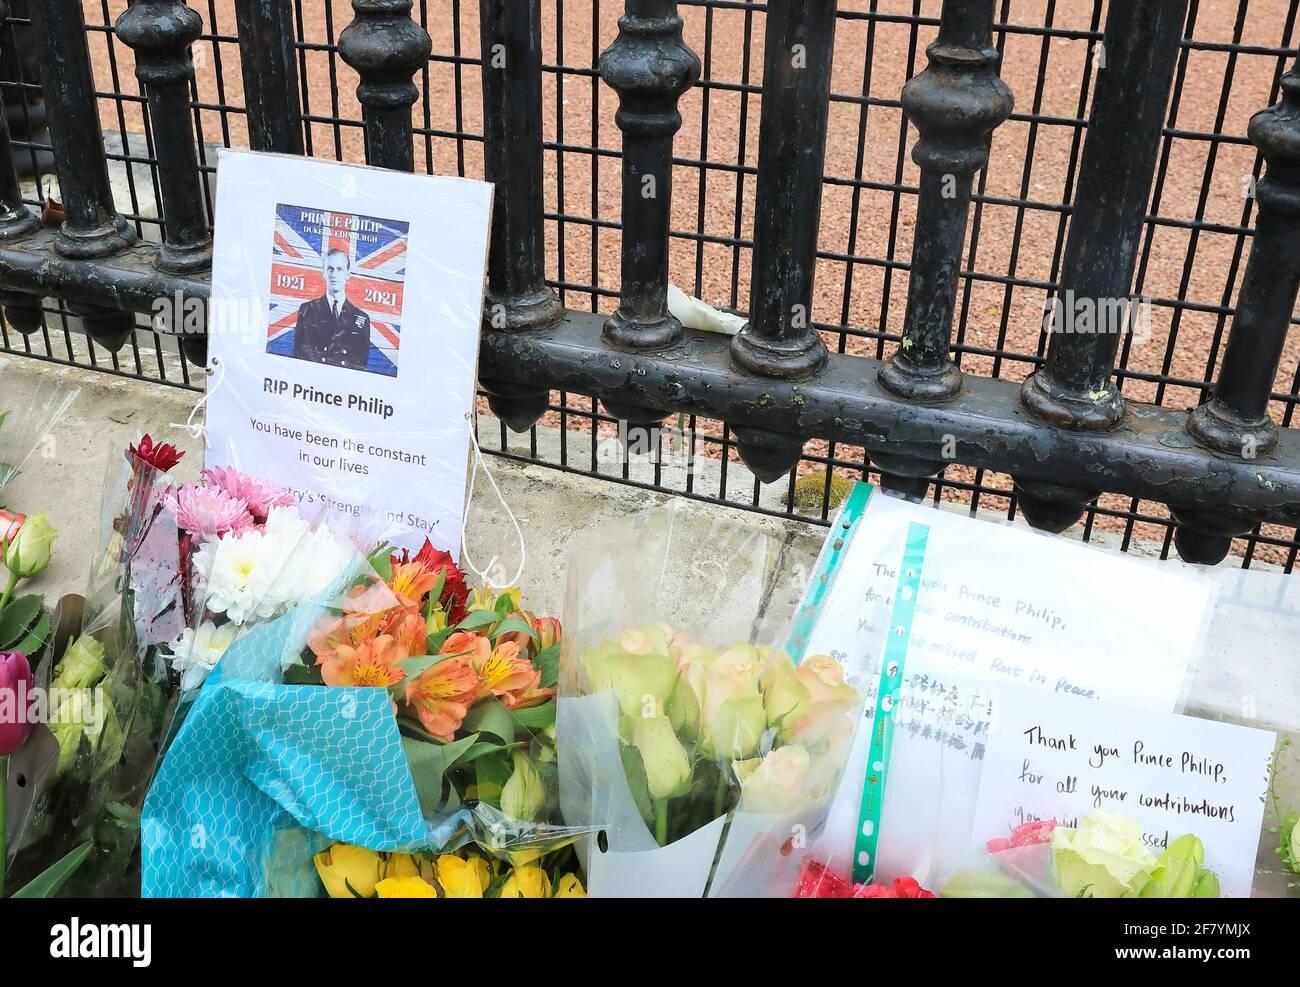 Londres, Reino Unido, abril de 10th 2021. La gente hizo cola para poner flores fuera de las puertas del palacio de Buckingham para pagar sus respetos y recordar a S.A.R. el príncipe Felipe que murió el viernes a los 99 años. Monica Wells/Alamy Live News Foto de stock